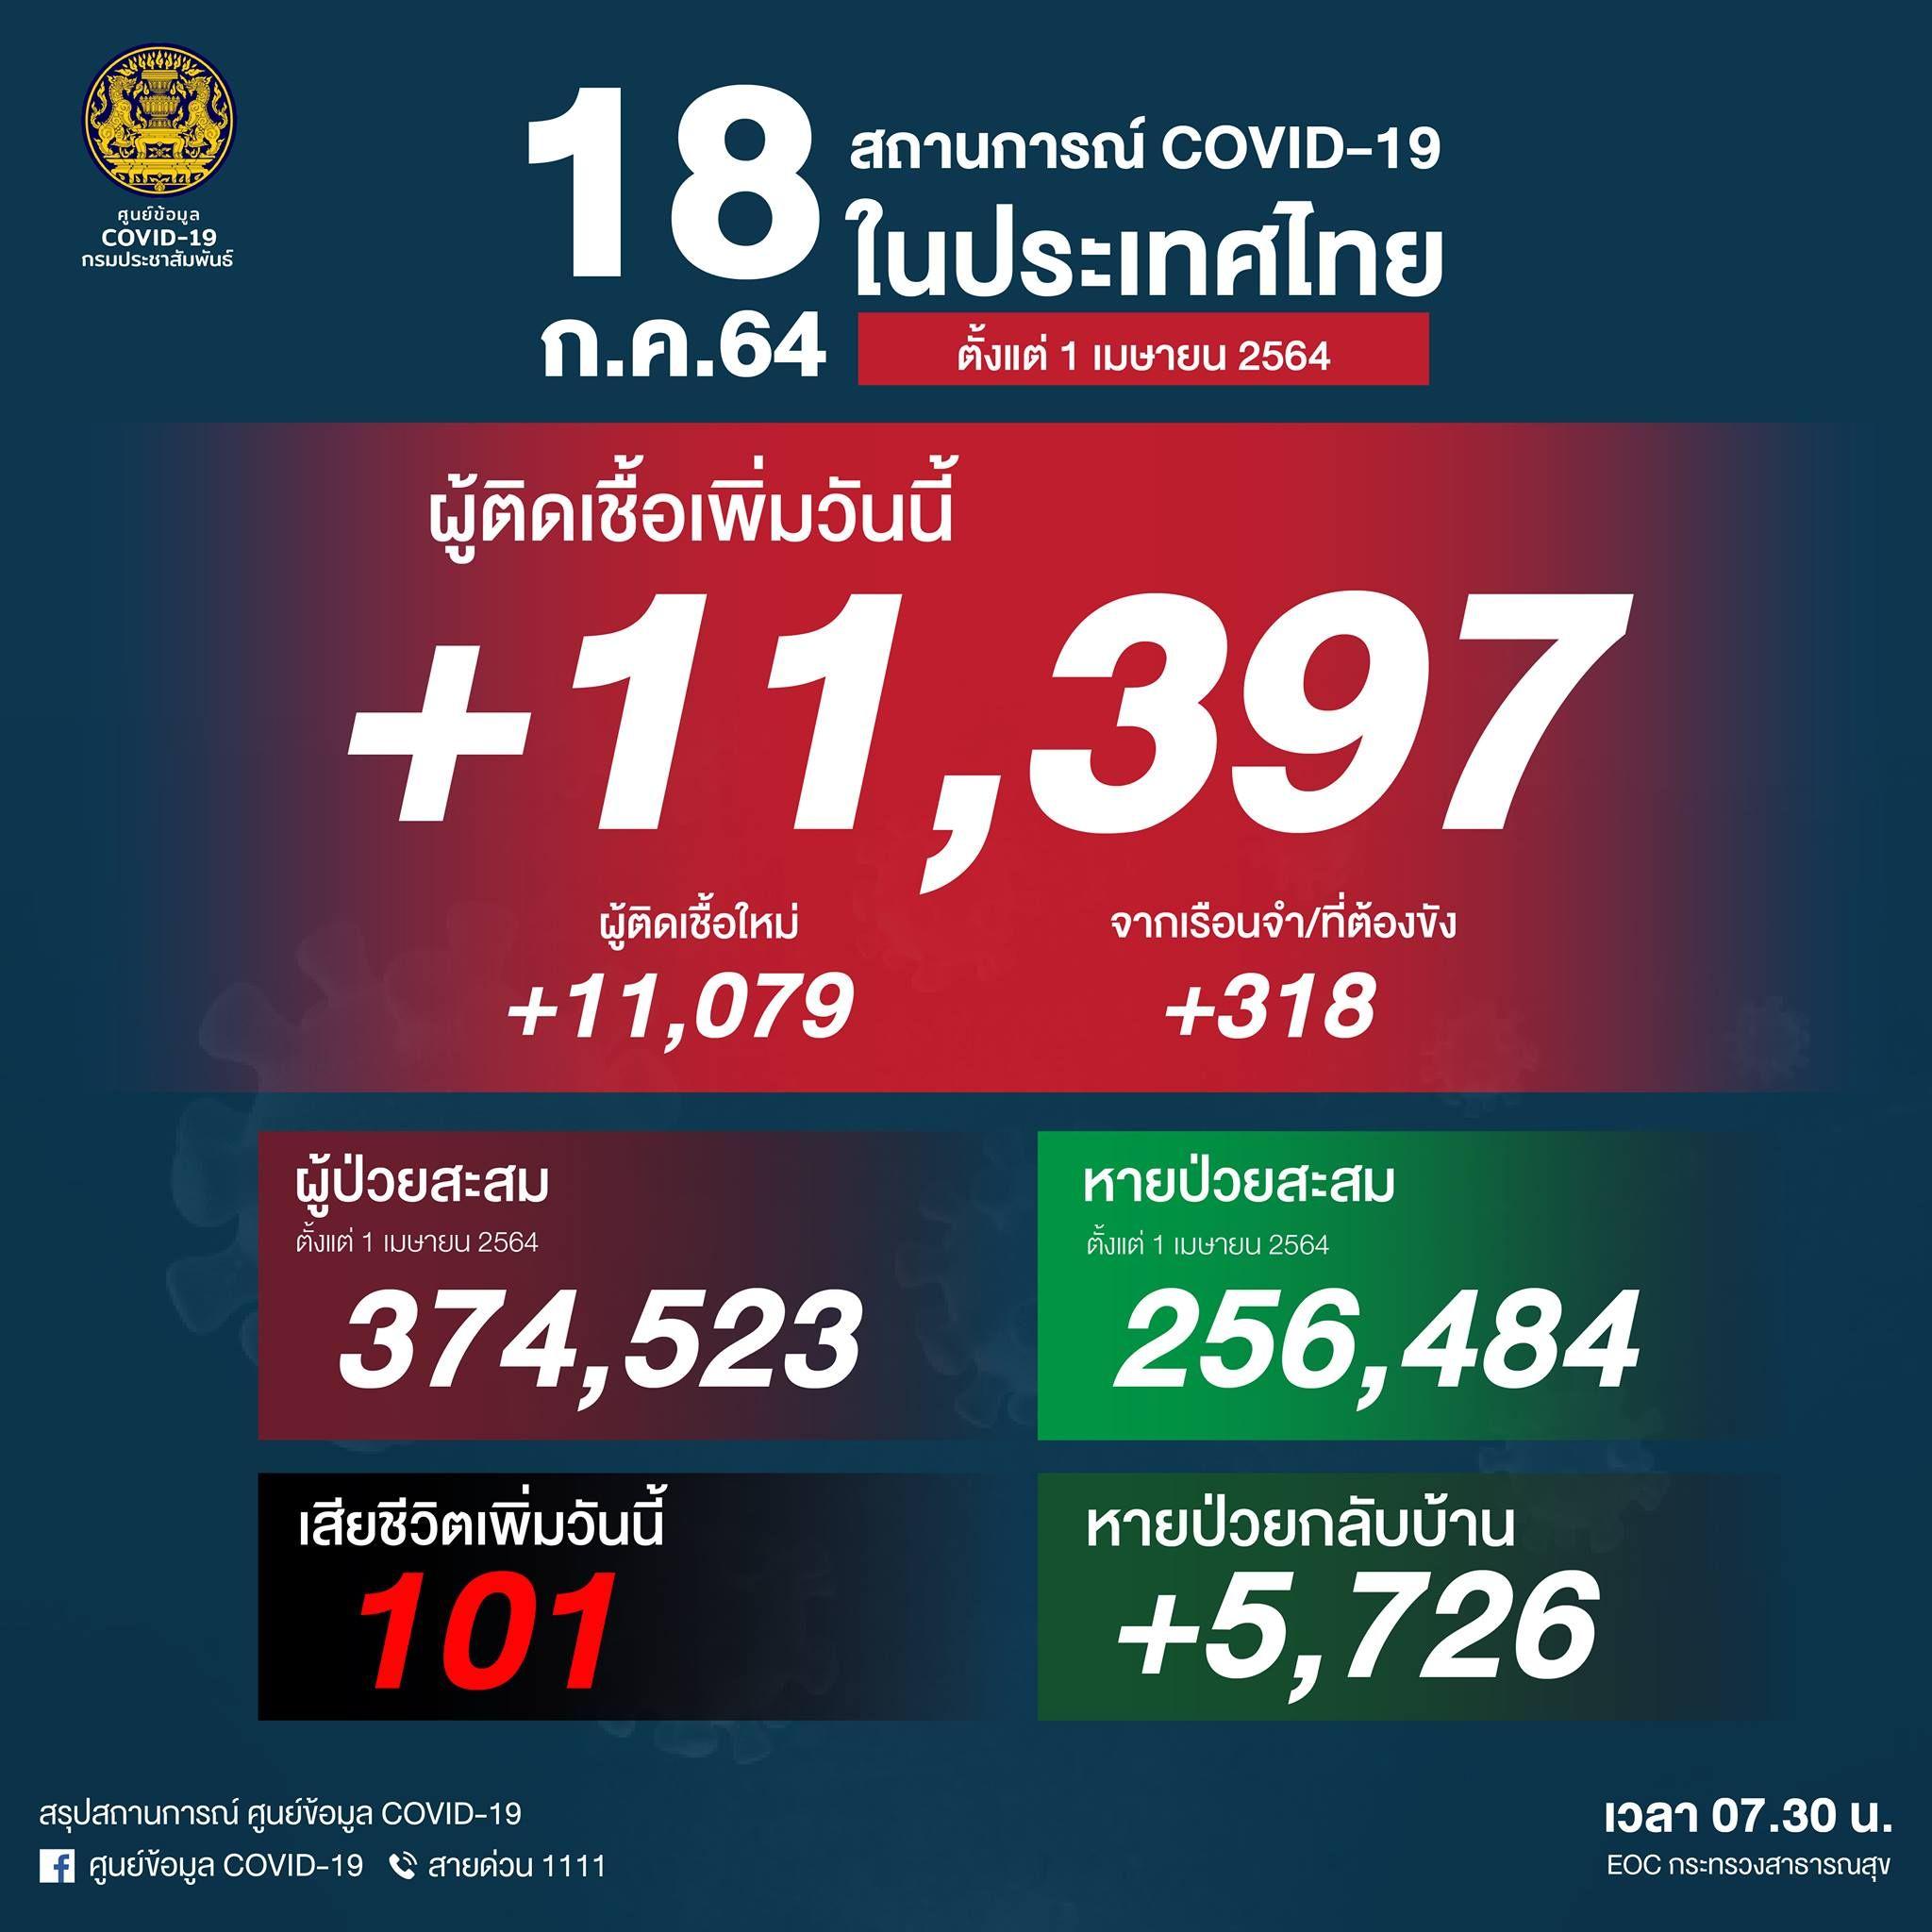 ยอด 'โควิด-19' วันนี้ ยังแย่! พบติดเชื้อเพิ่ม 11,397ราย เสียชีวิต 101 ราย